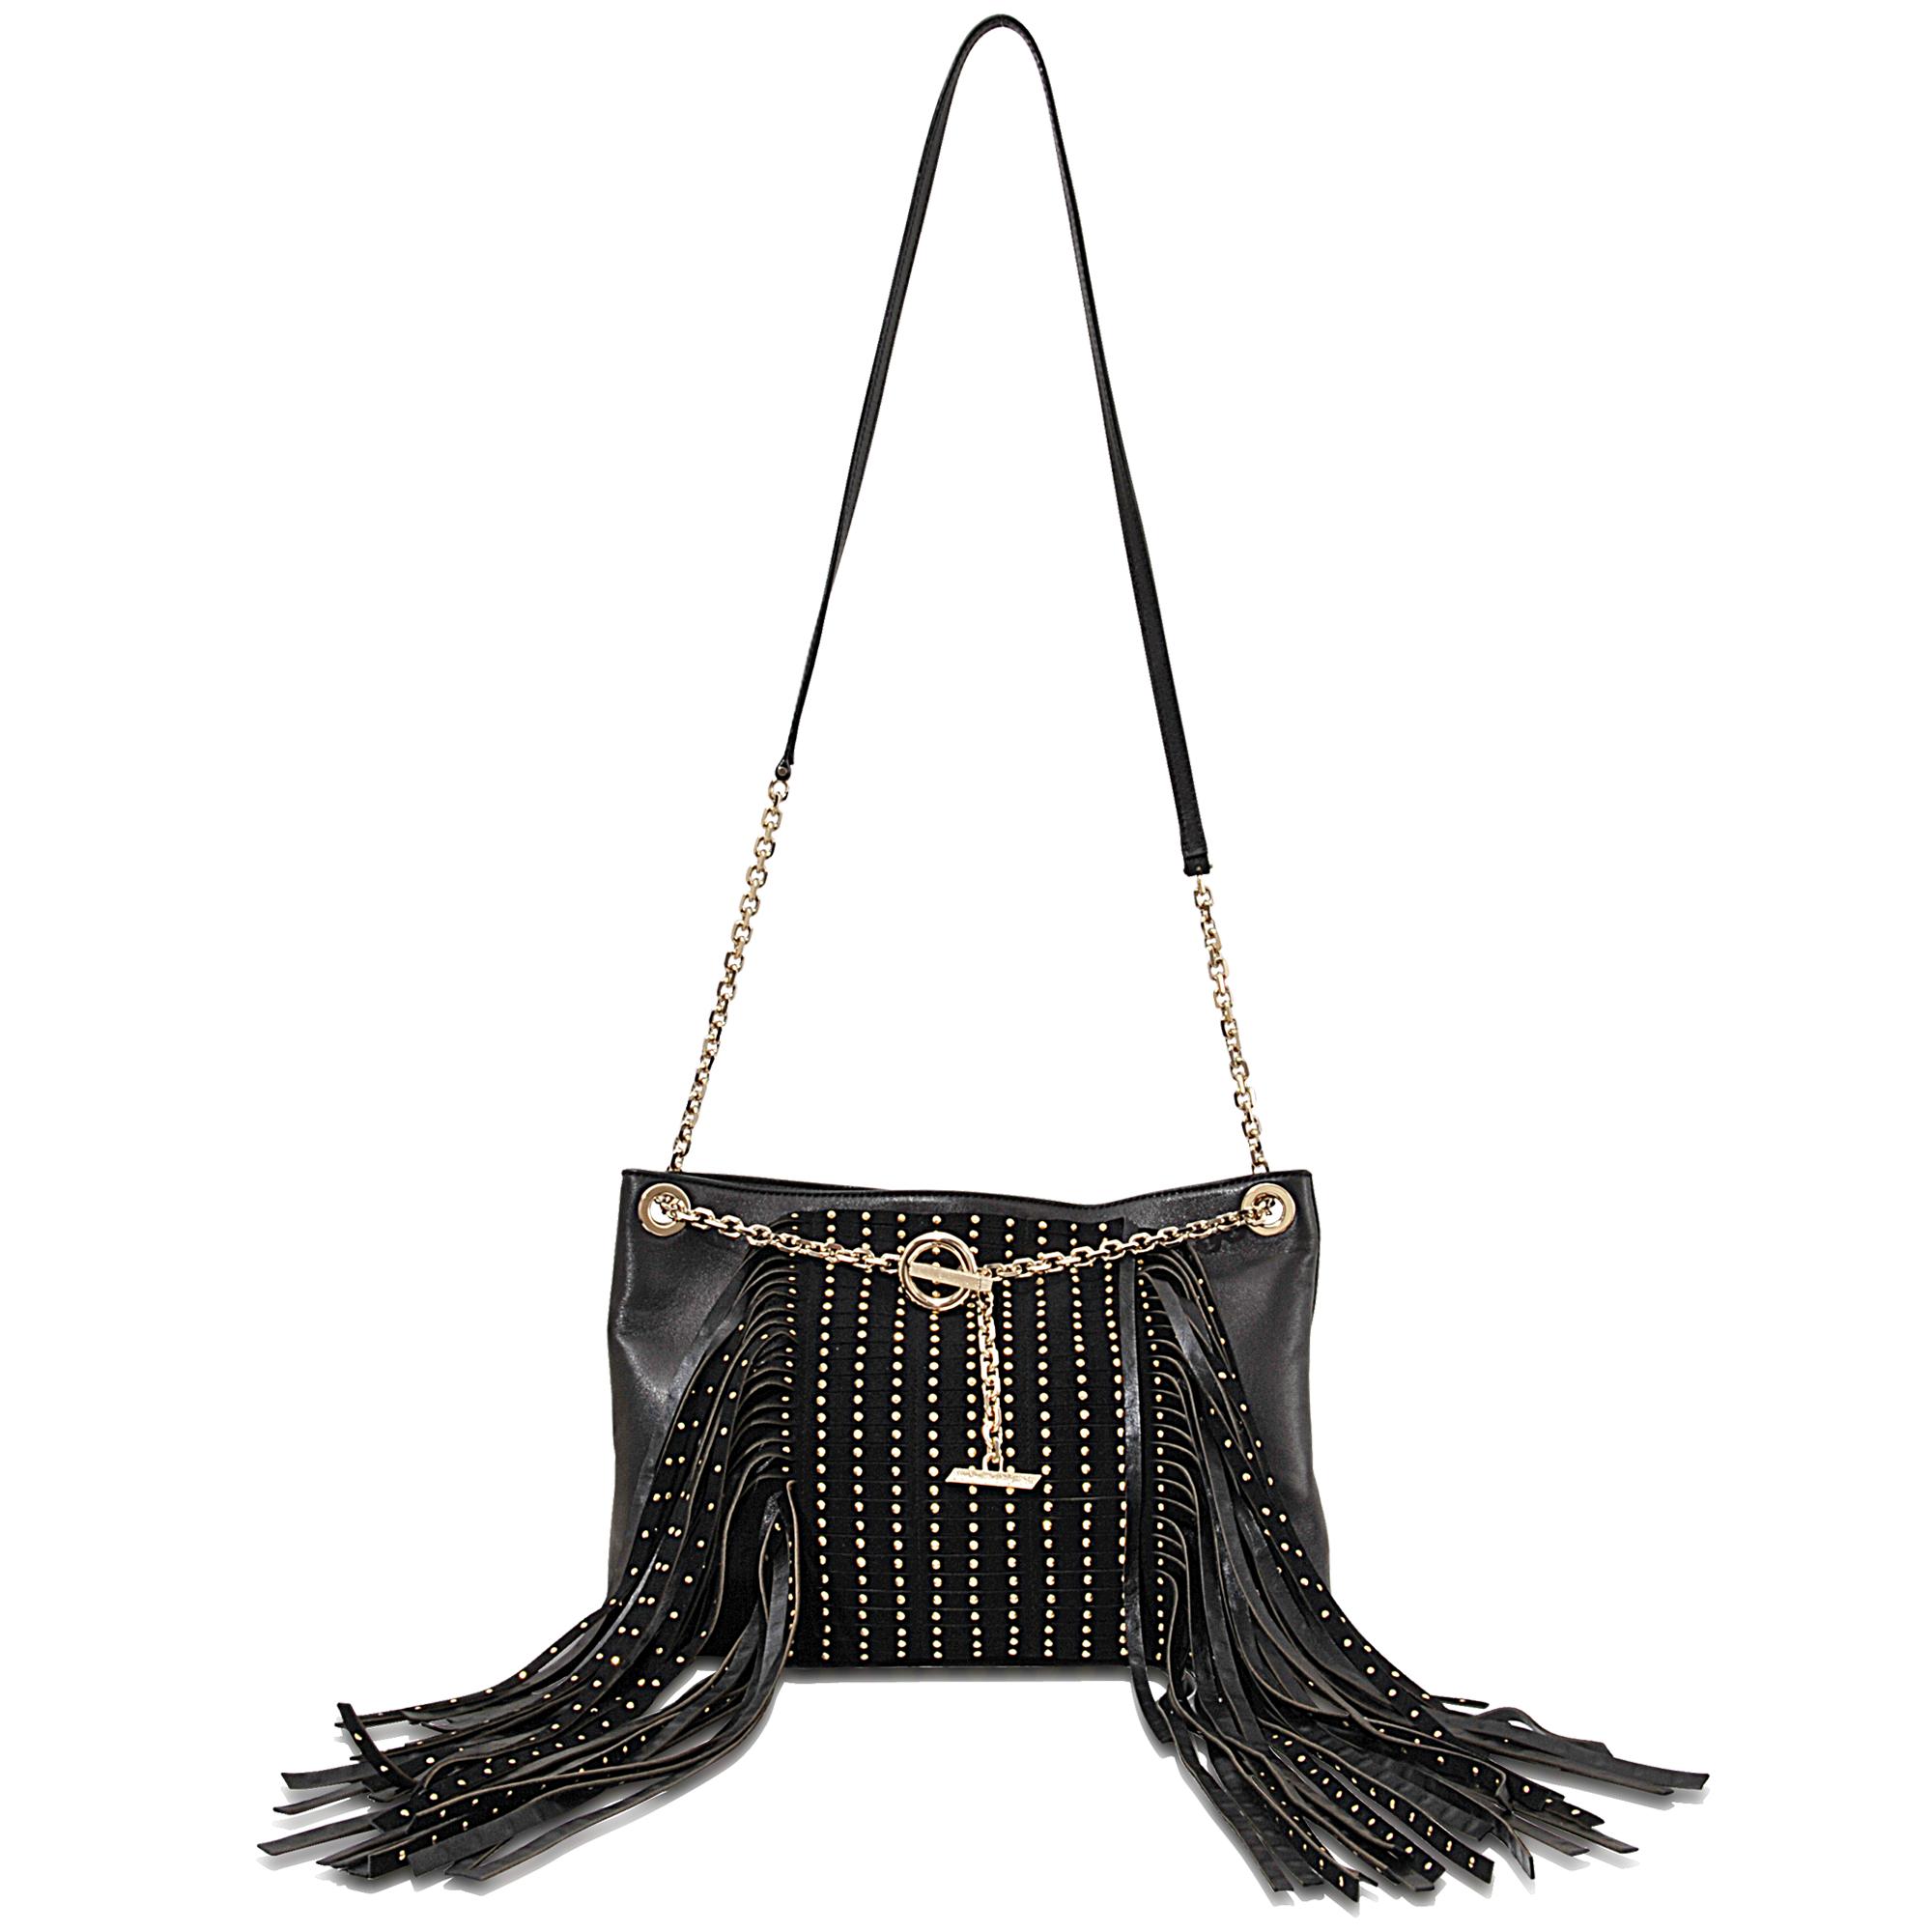 ba2d3ffd63 Jimmy Choo Alexia Studded Fringe Leather Shoulder Bag in Black - Lyst